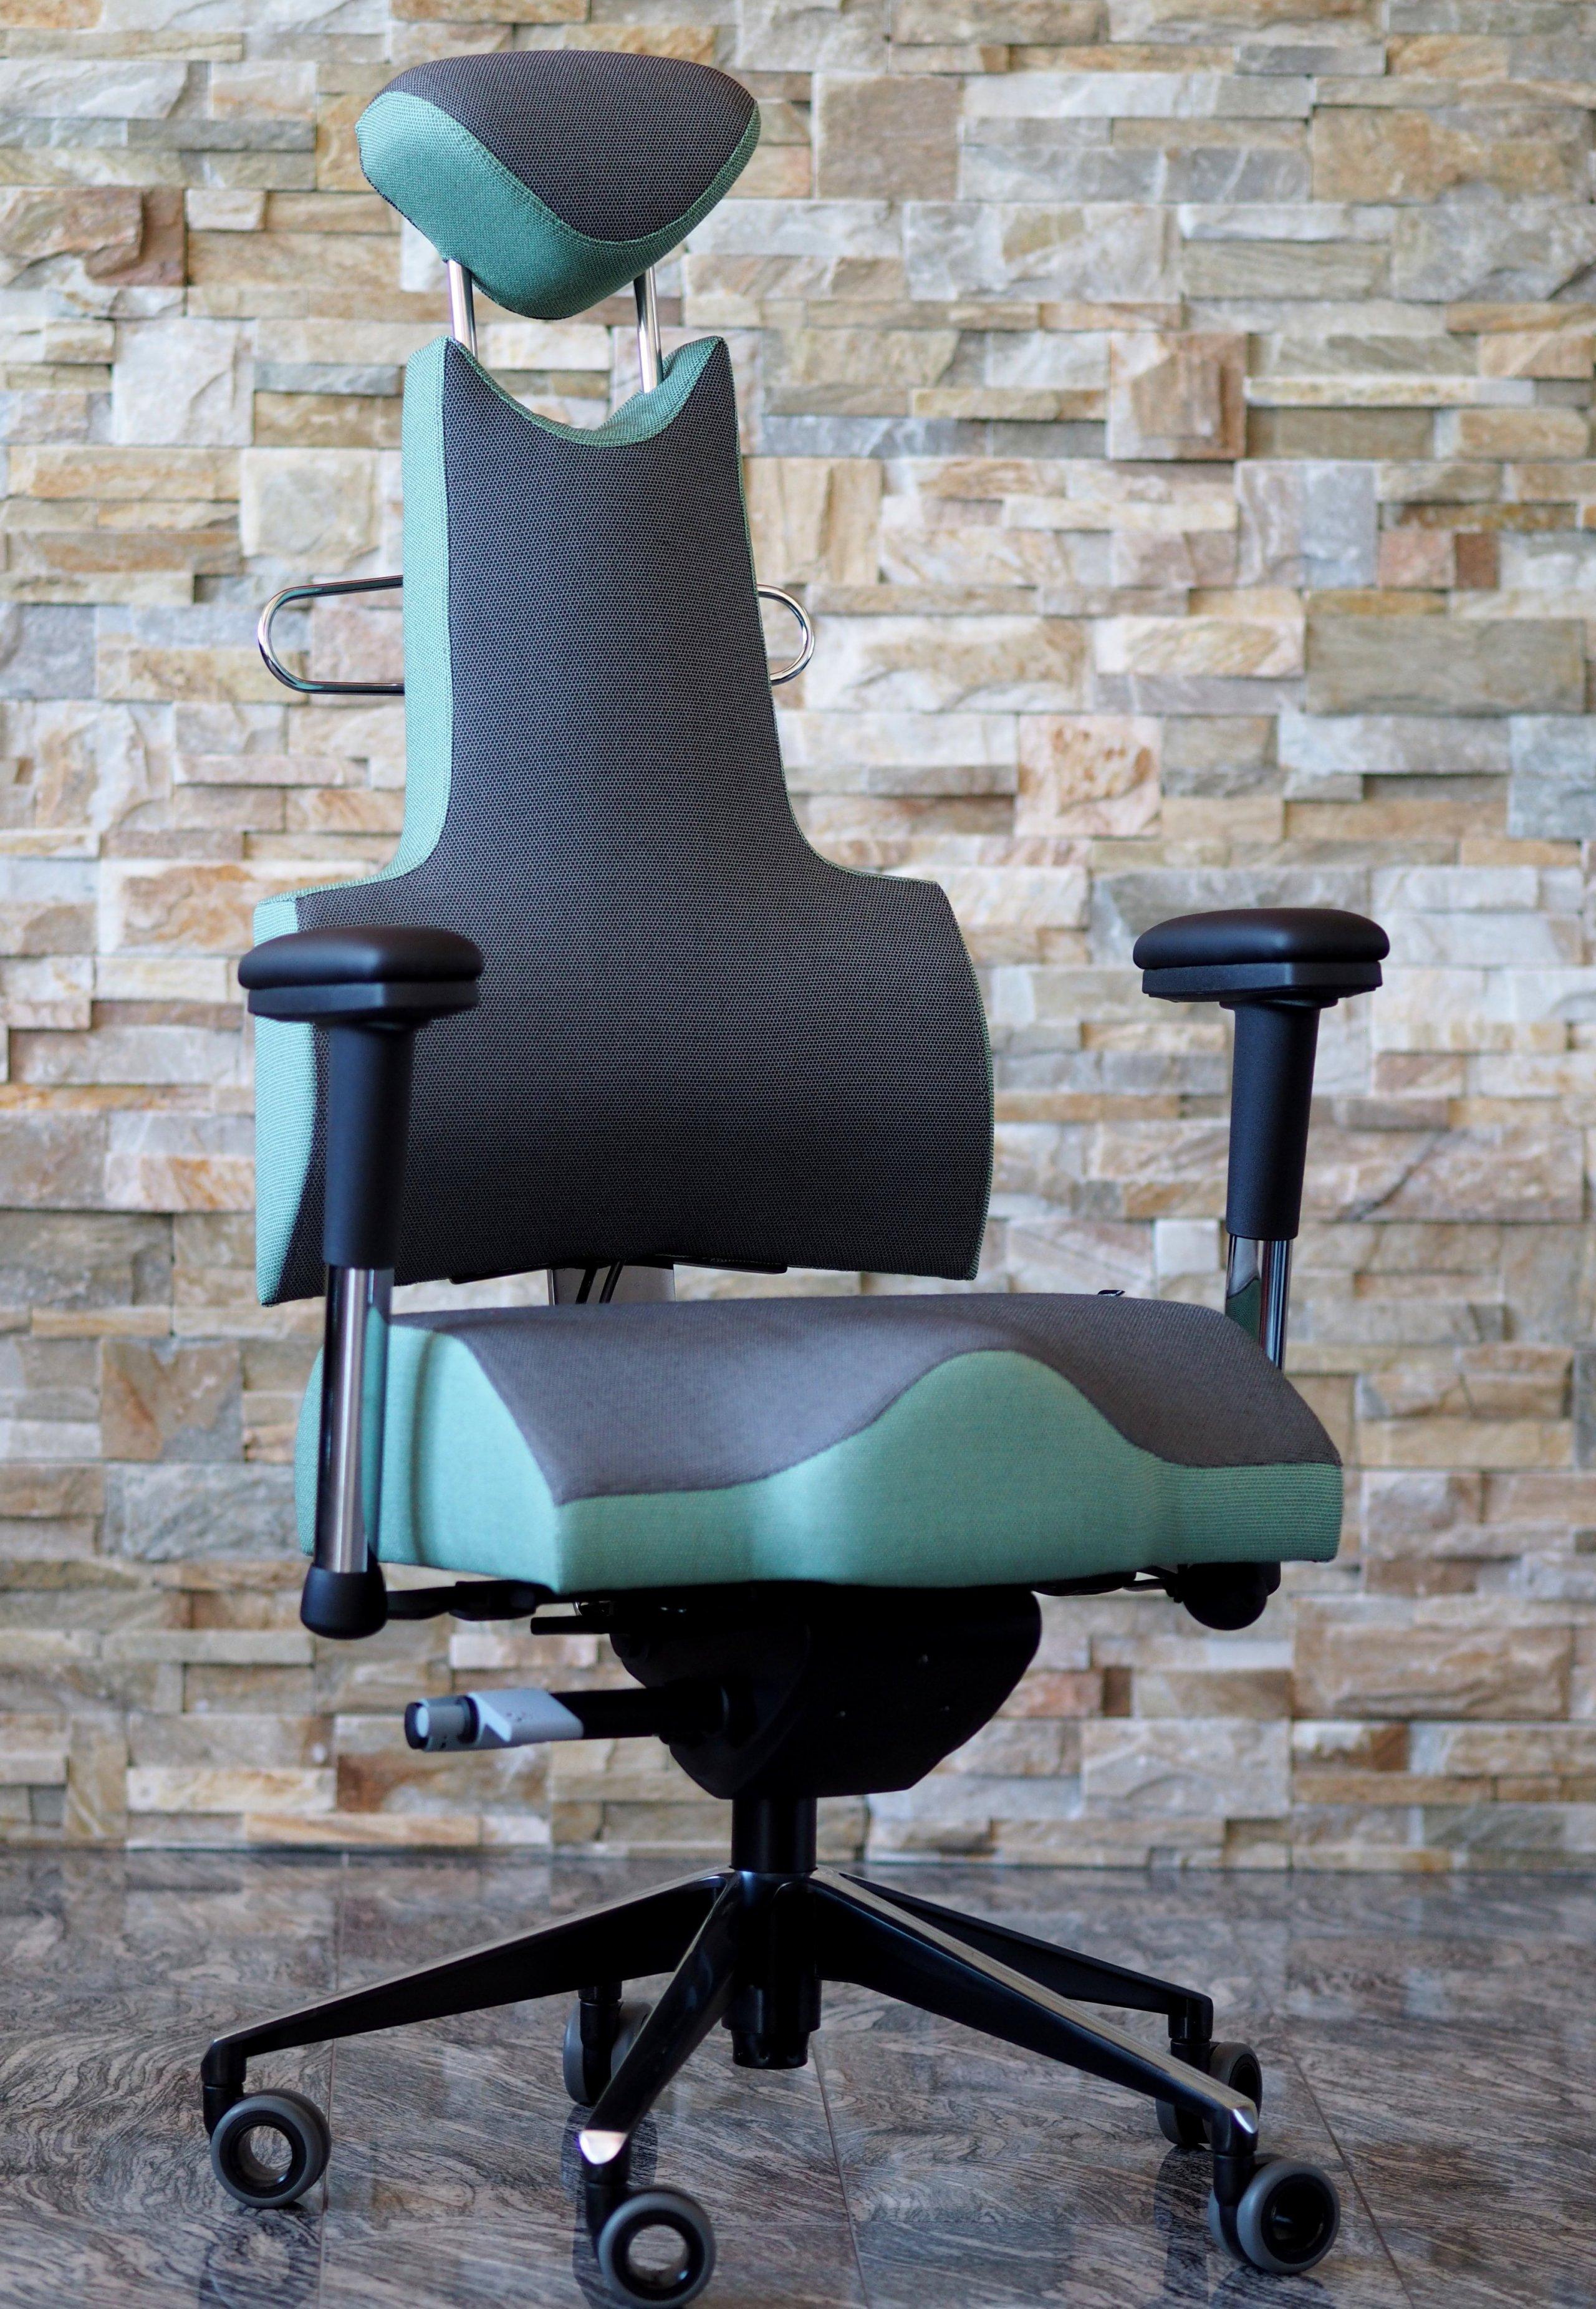 Židle jsou zcela individuální a tak se přizpůsobí každé postavě.